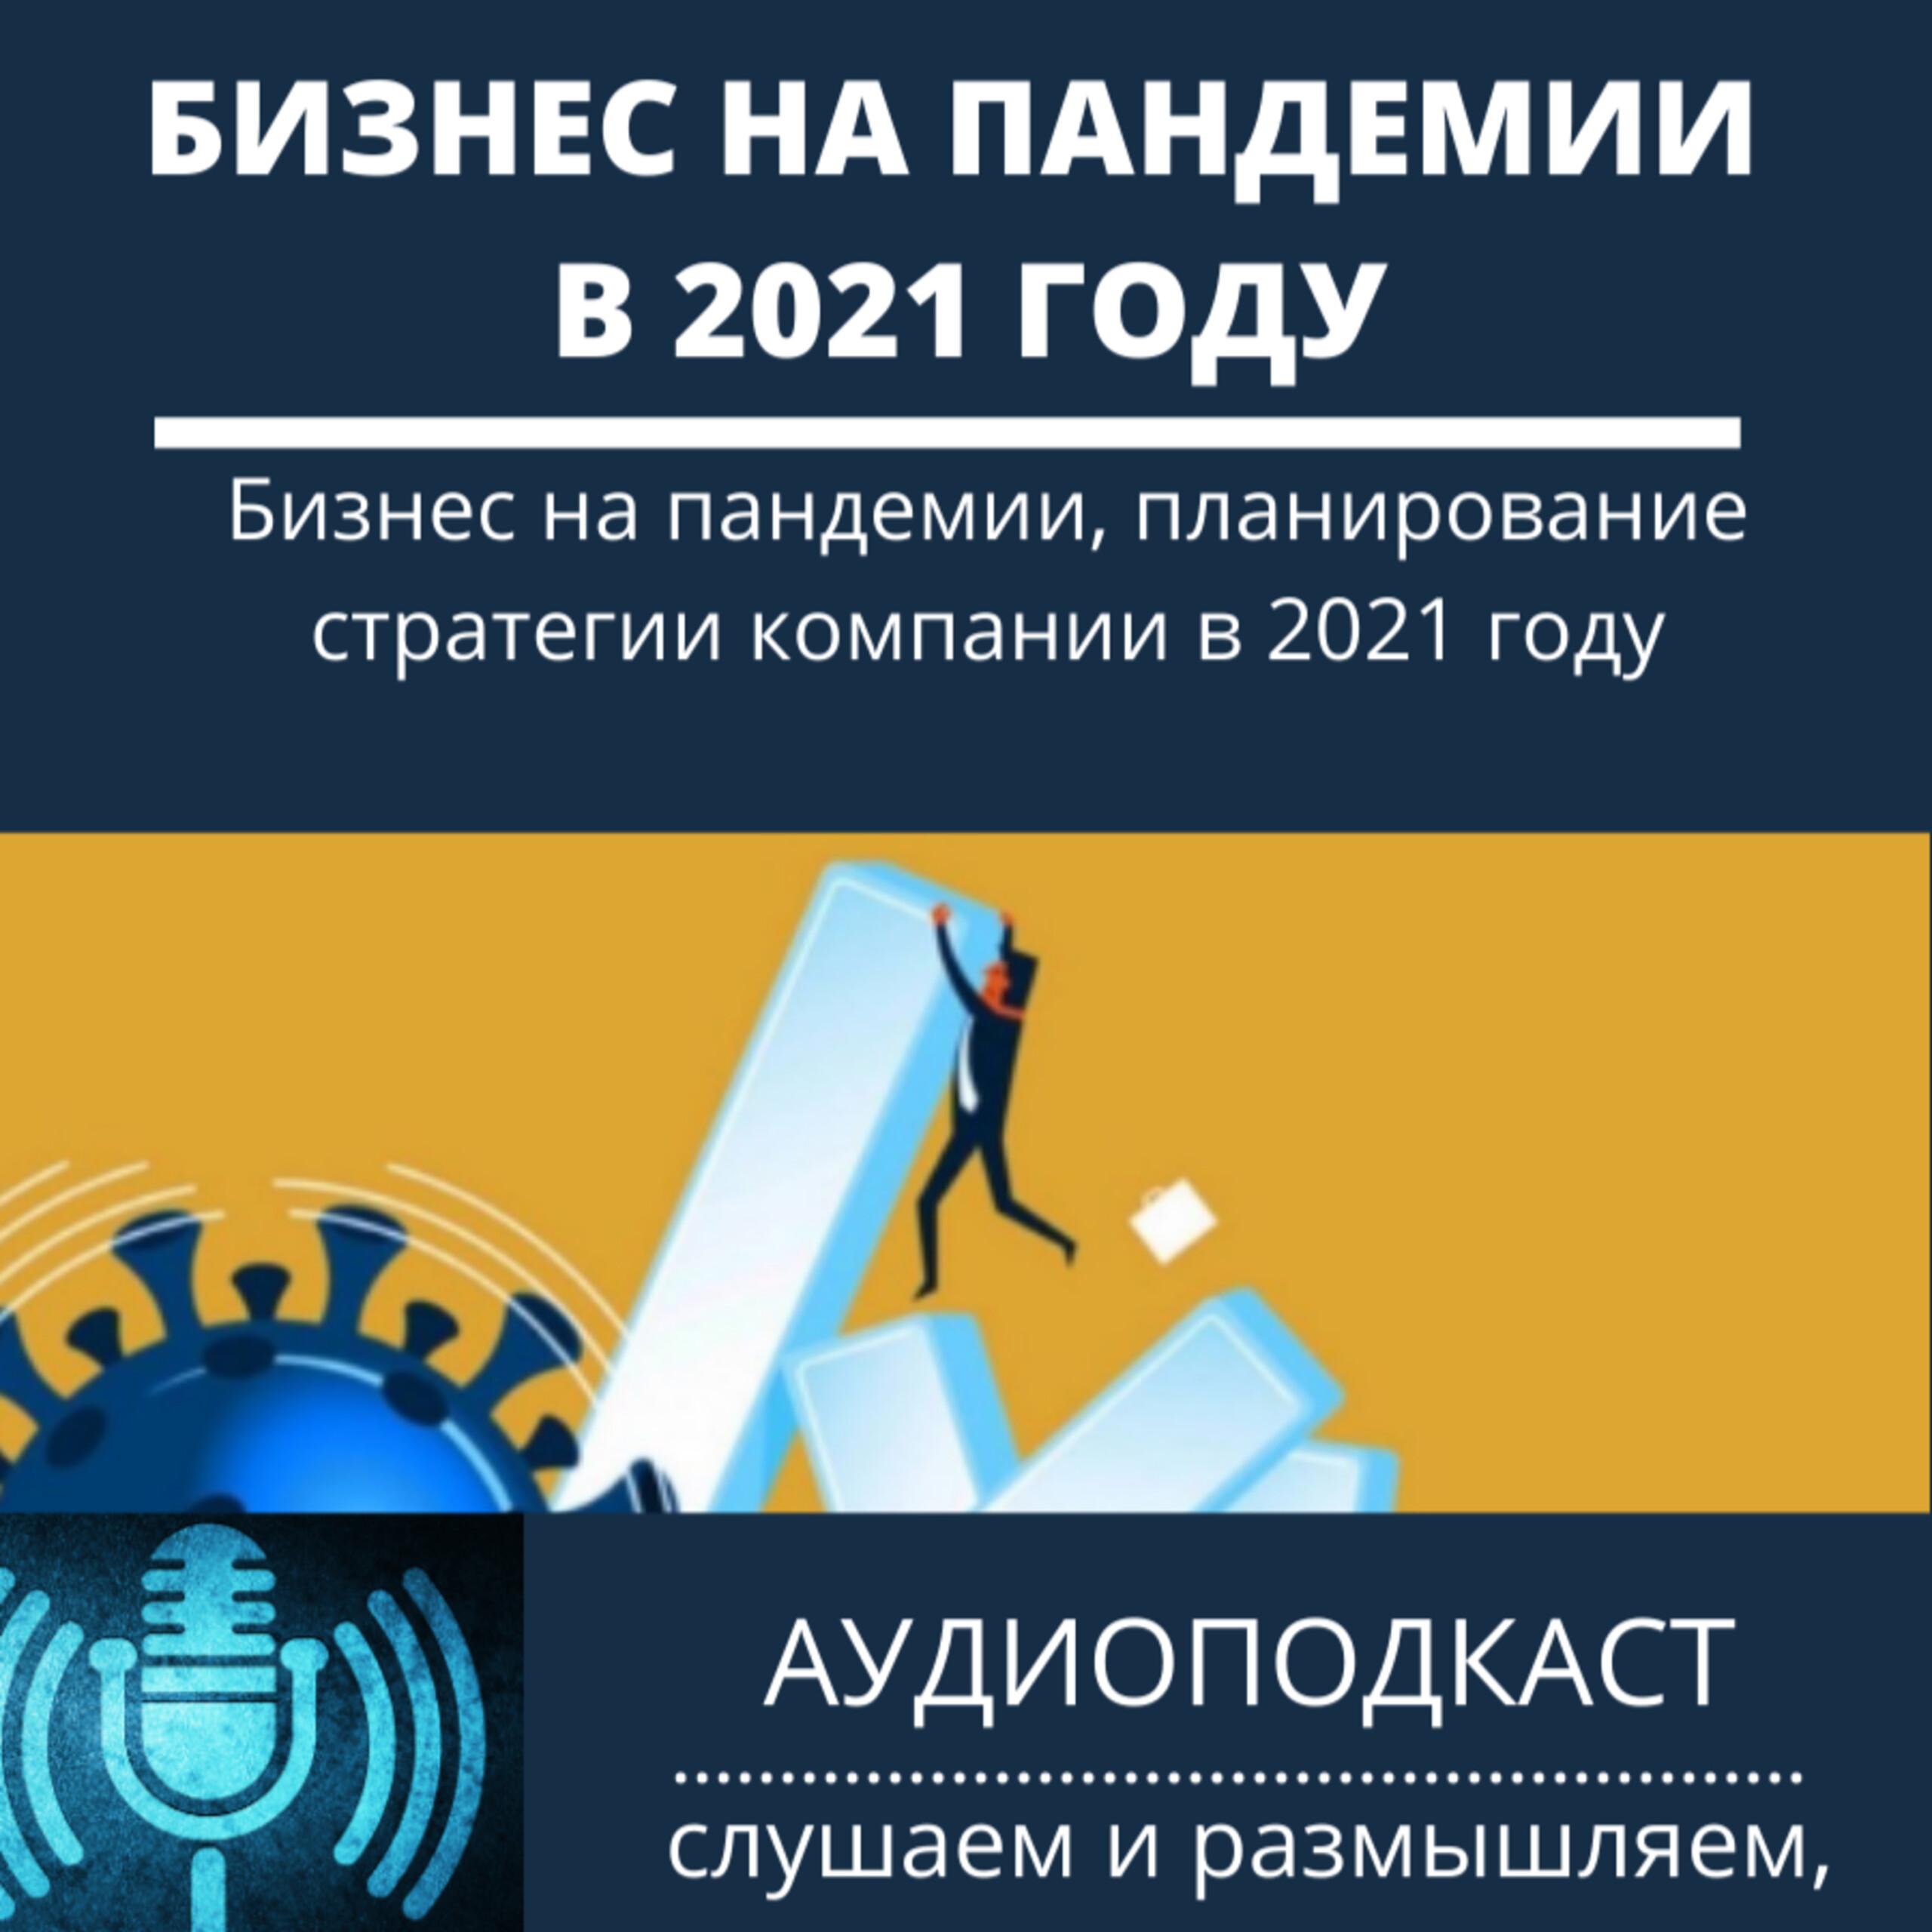 Бизнес на пандемии, планирование стратегии компании в 2021 году